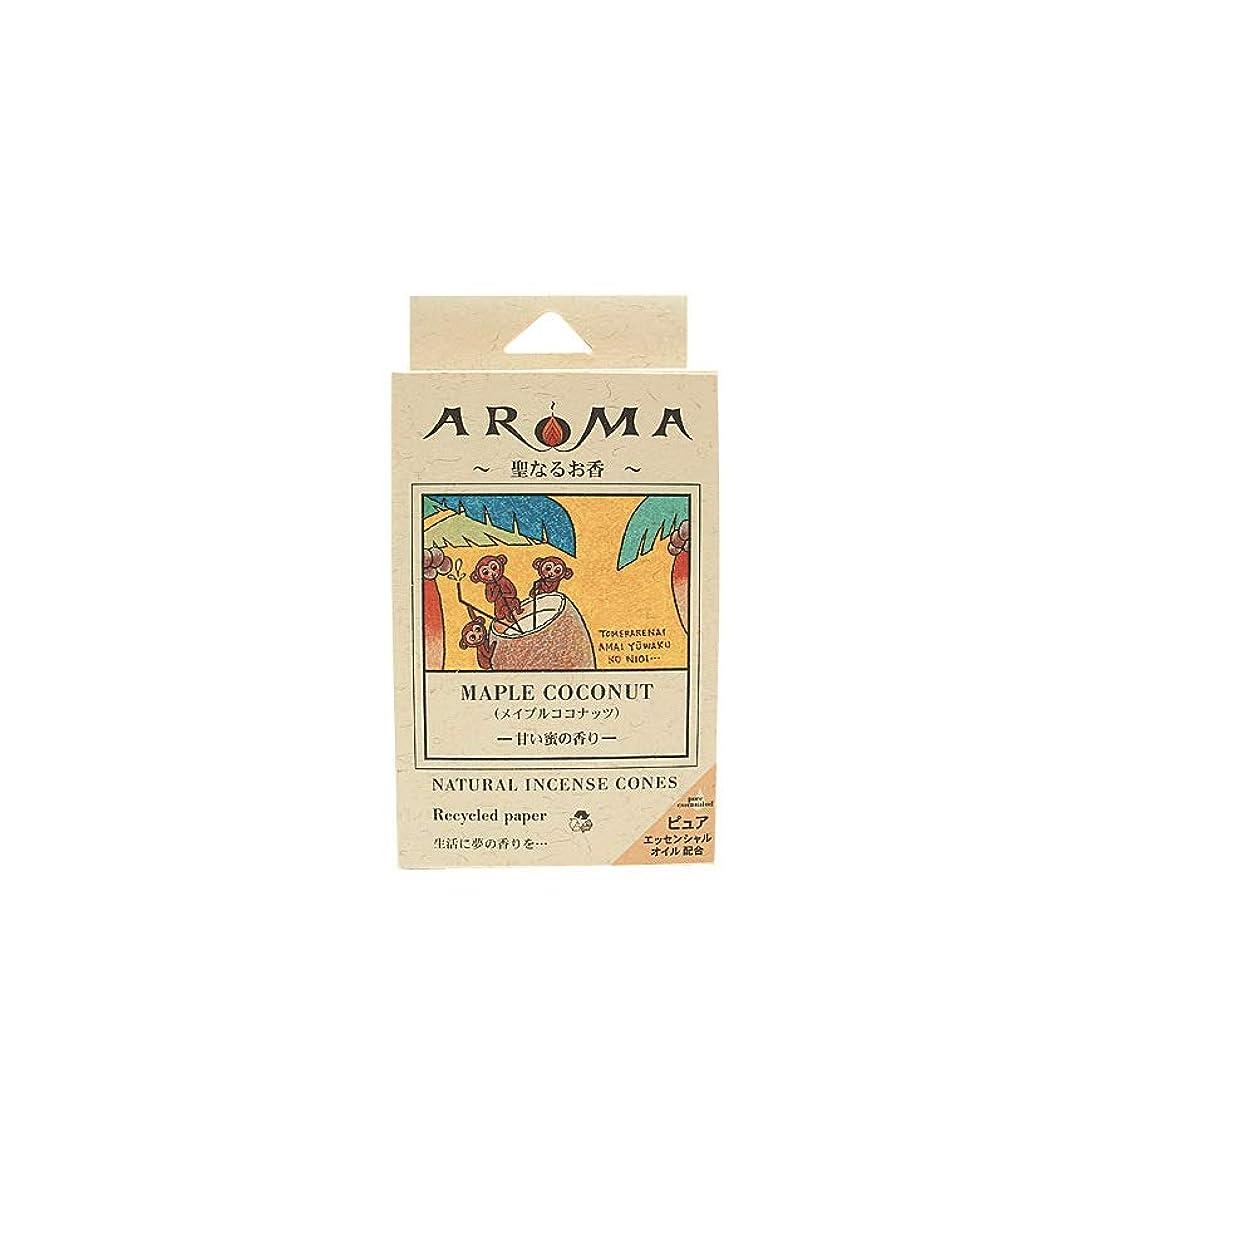 受信機みなす神経障害アロマ香 ココナッツ 16粒(コーンタイプインセンス 1粒の燃焼時間約20分 甘い蜜の香り)